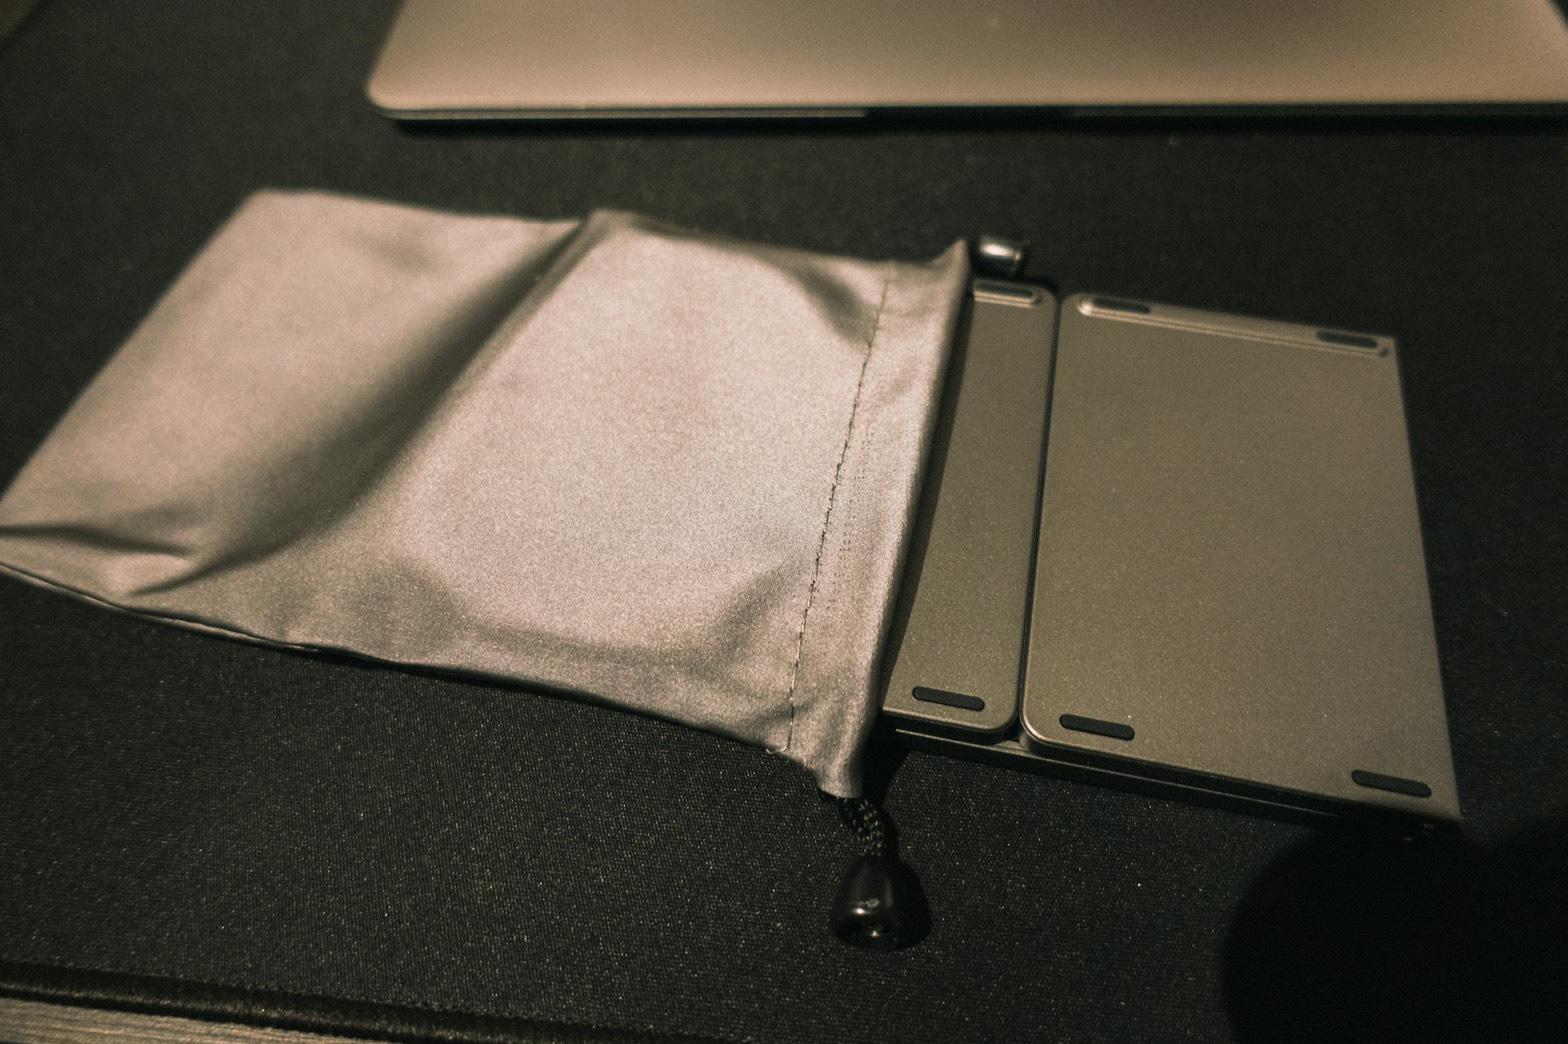 Ewin® 折りたたみ式 Bluetoothキーボードと収納袋